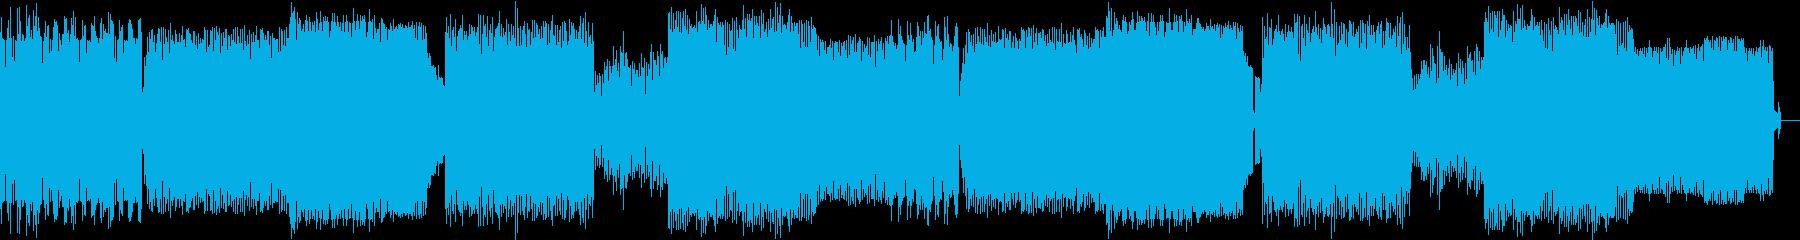 盛り上げる!/鍵盤超絶技巧×サイトランスの再生済みの波形